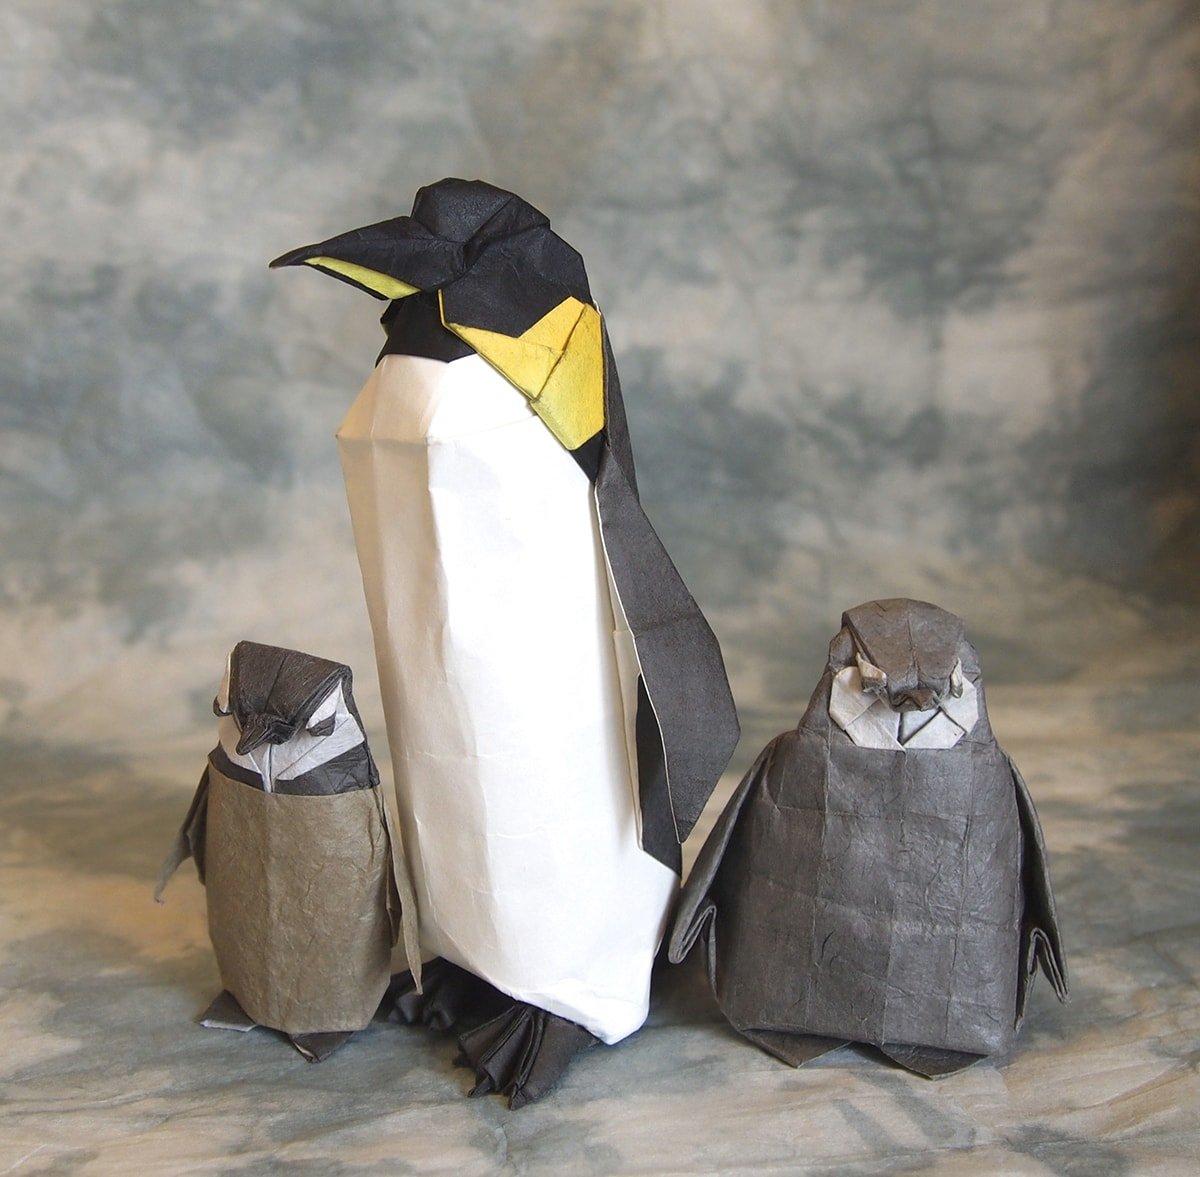 Emperor Penguin Family by Hiroaki Kobayashi